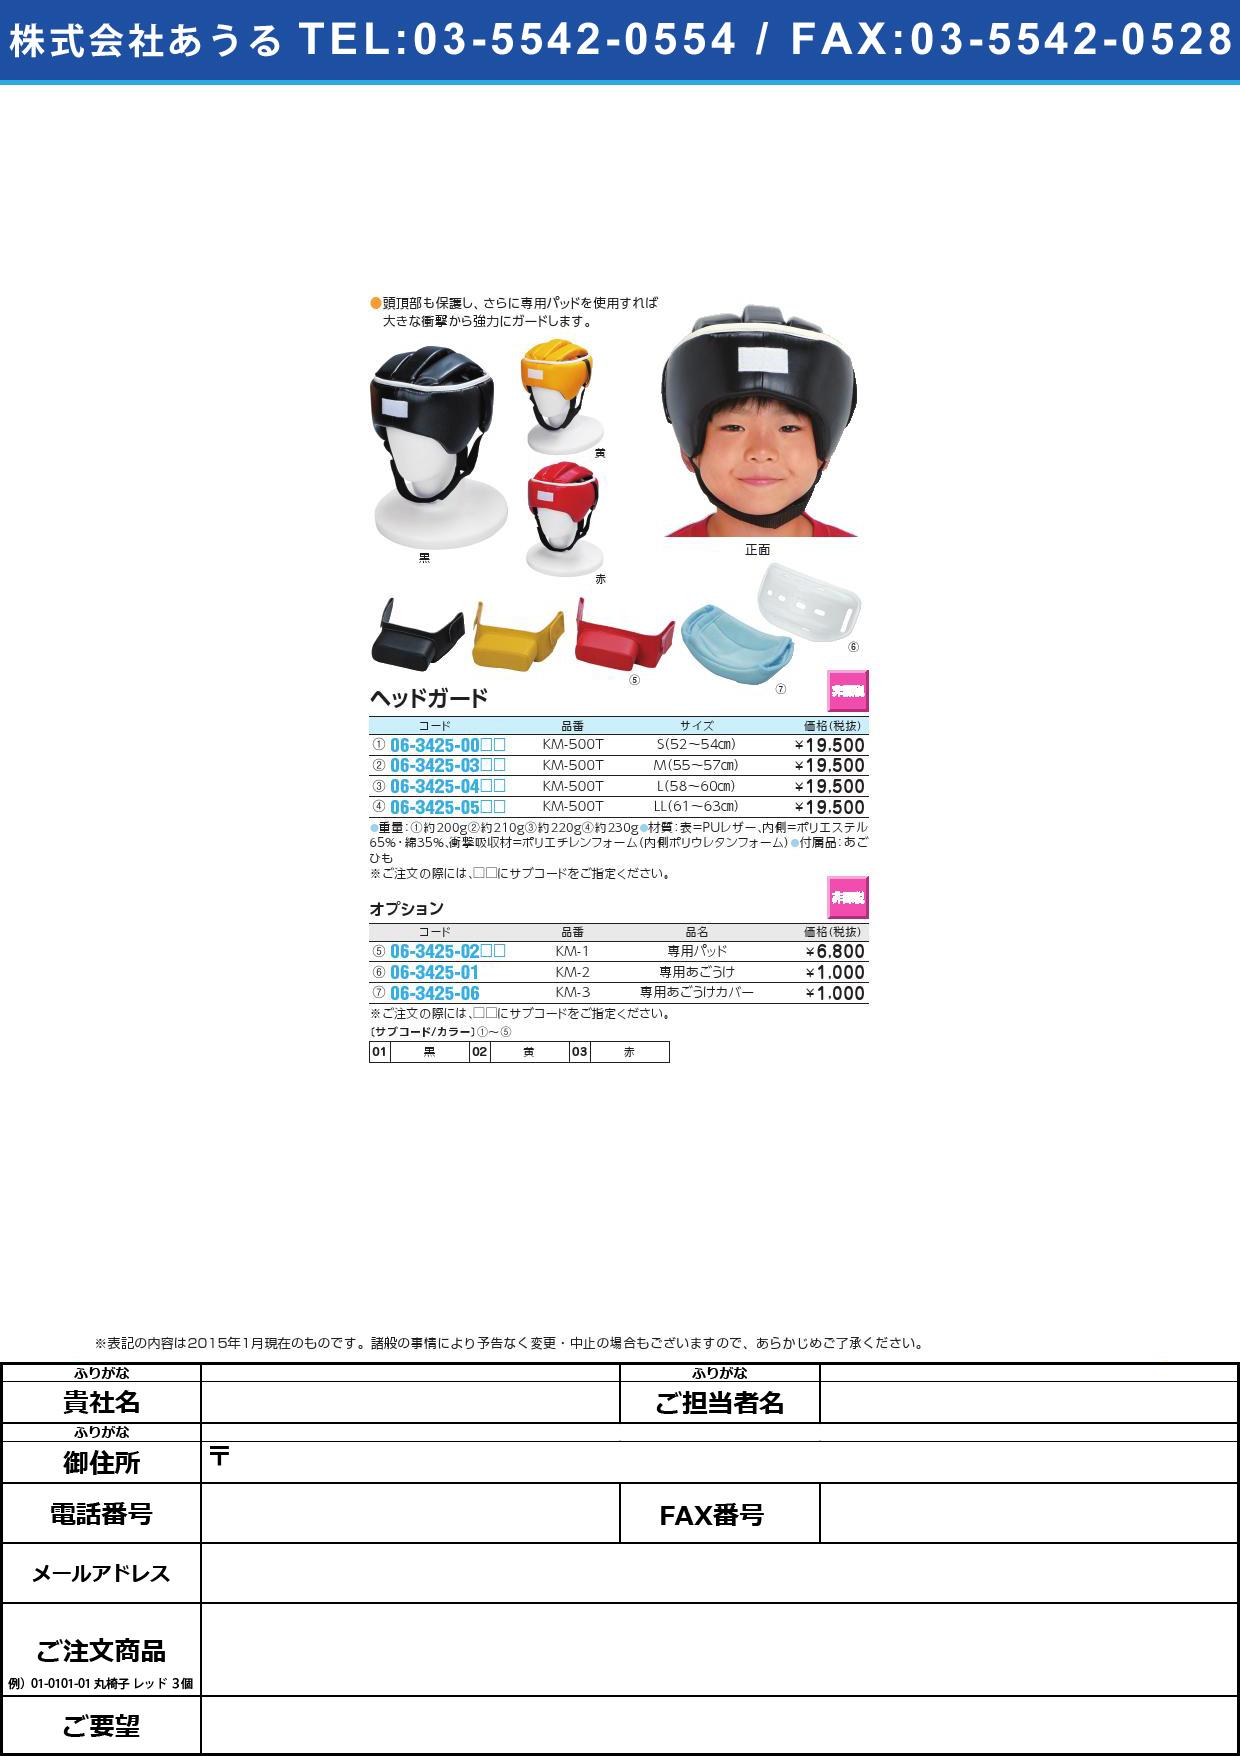 【非課税】ヘッドガード ヘッドガード KM-500T(LL)【1個単位】(06-3425-05)